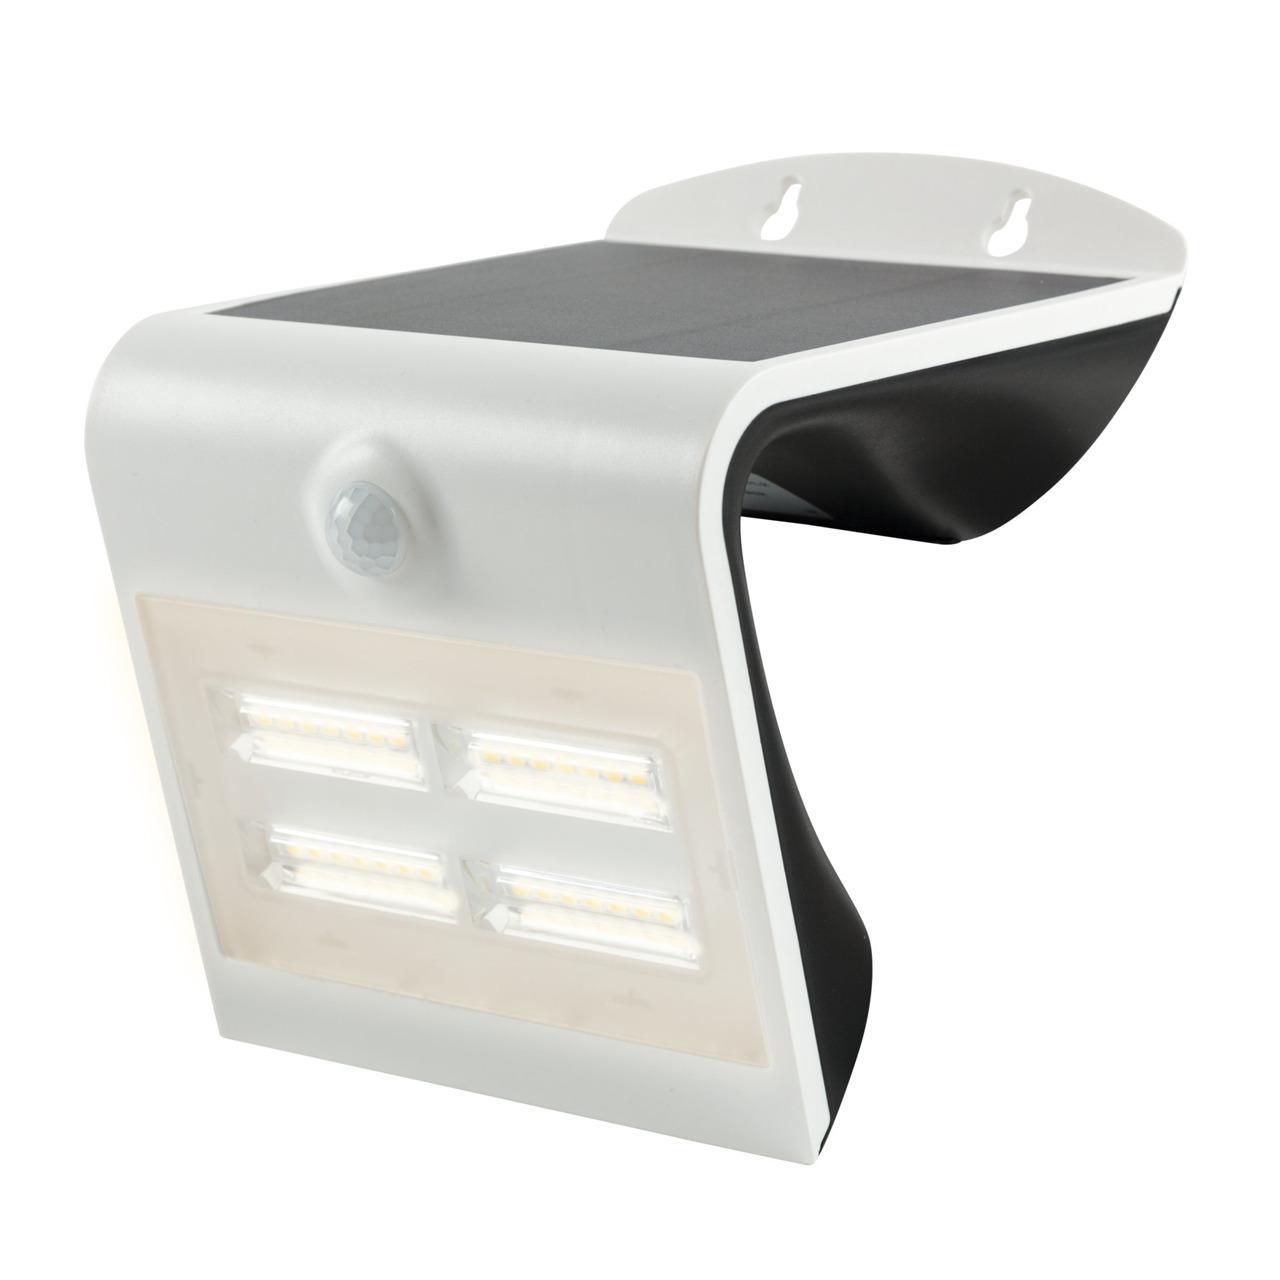 HEITRONIC 3,2-W-Solar-LED-Wandleuchte mit 120°-Bewegungsmelder, warmweiß